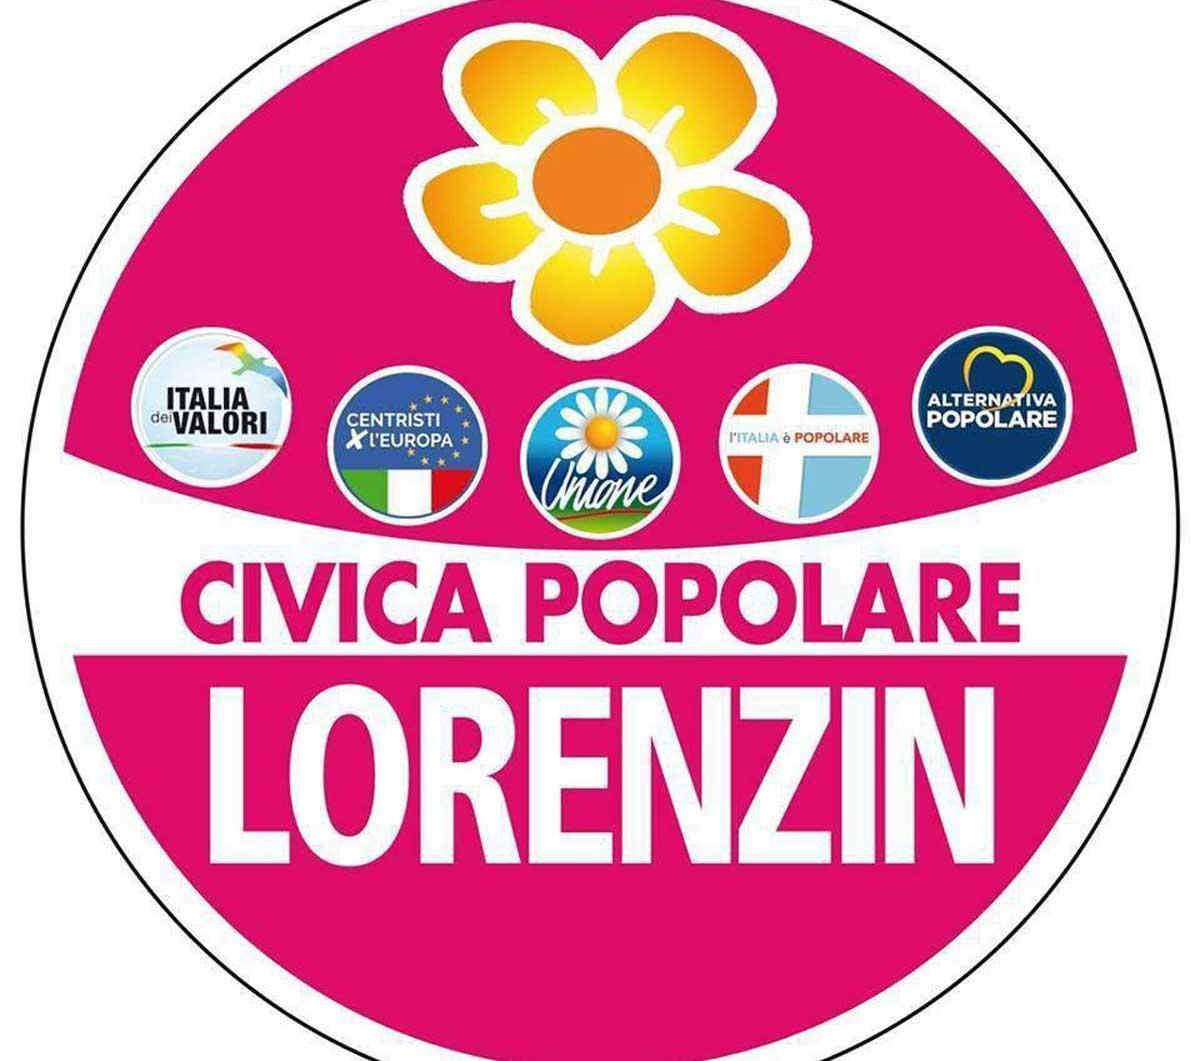 Elezioni, Lorenzin presenta il simbolo: